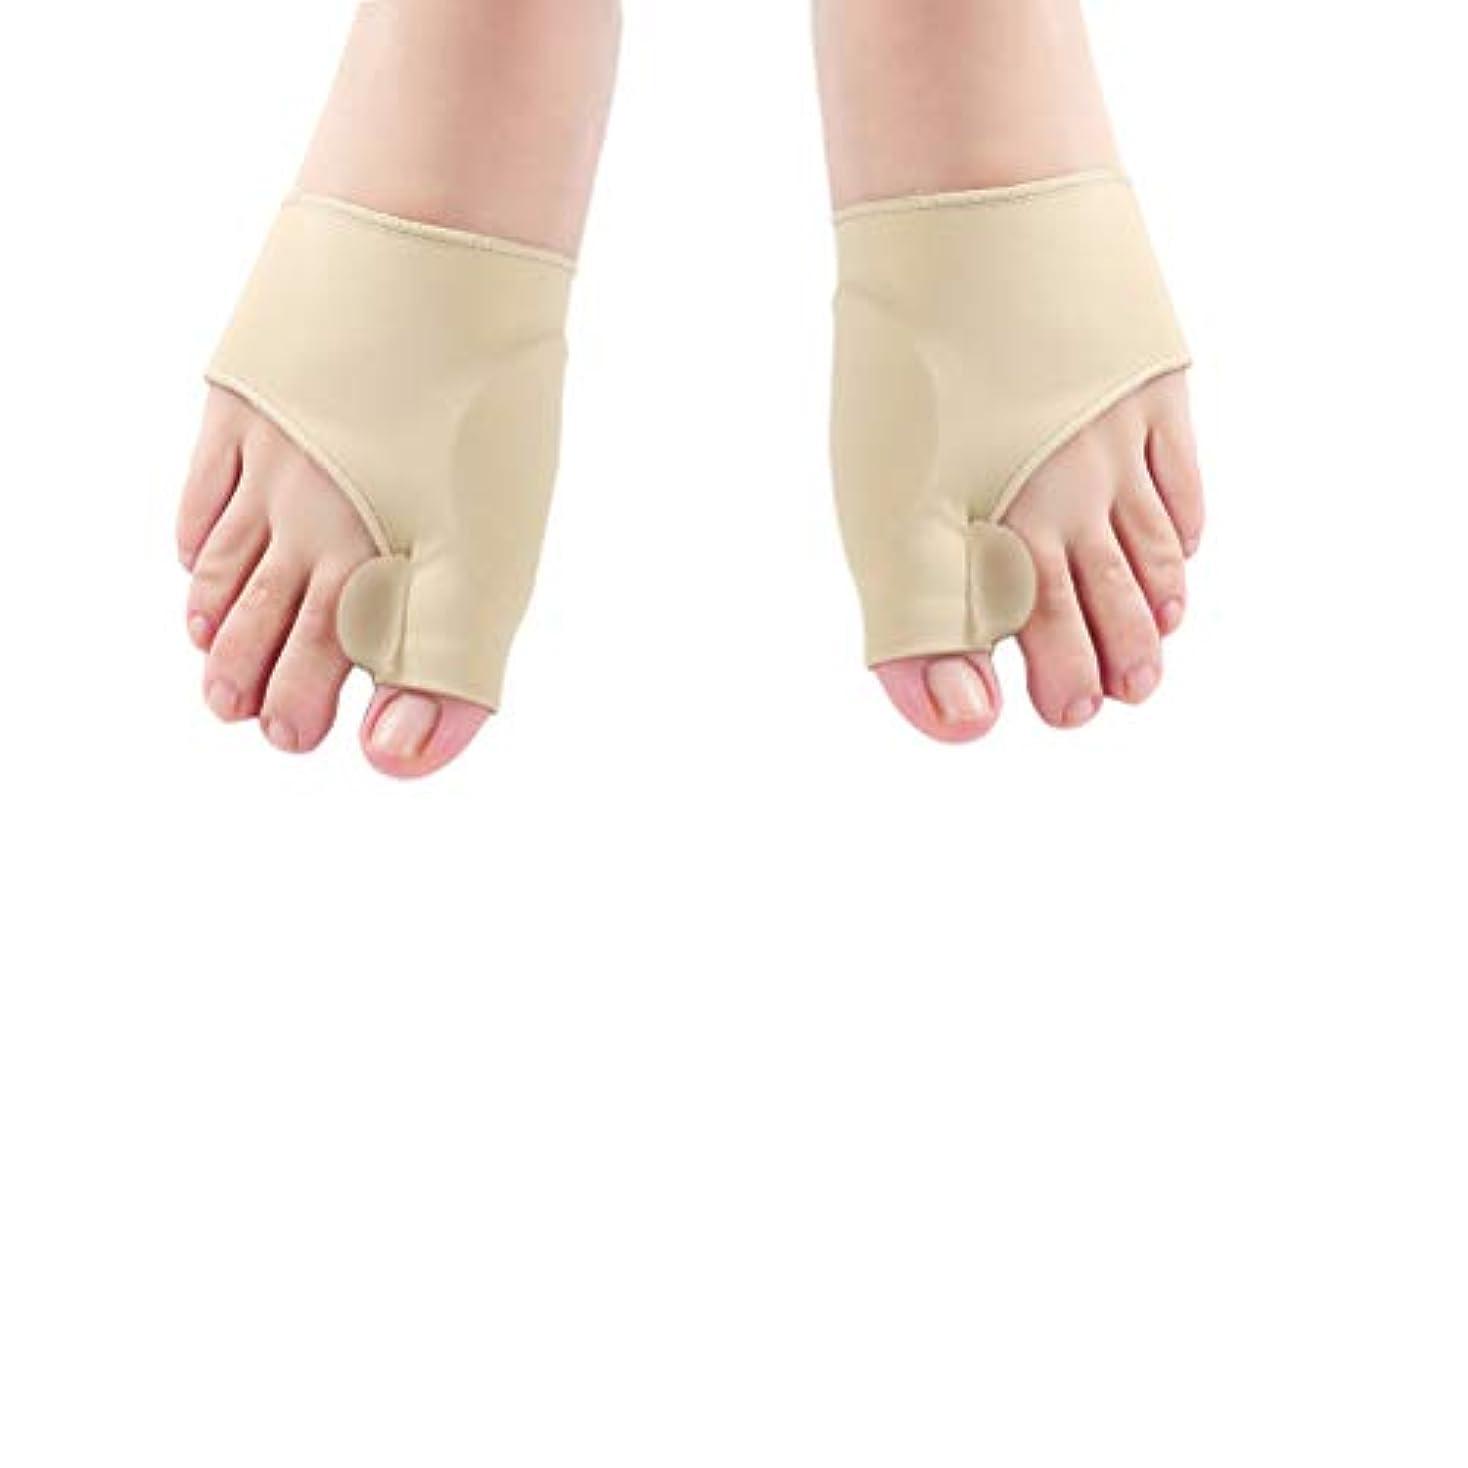 滑り台狂乱うめき声Healifty un補正器つま先矯正外反母趾矯正器親指整形外科用腱板副木親指分離器鎮痛剤昼夜使用 - サイズs(カーキ)